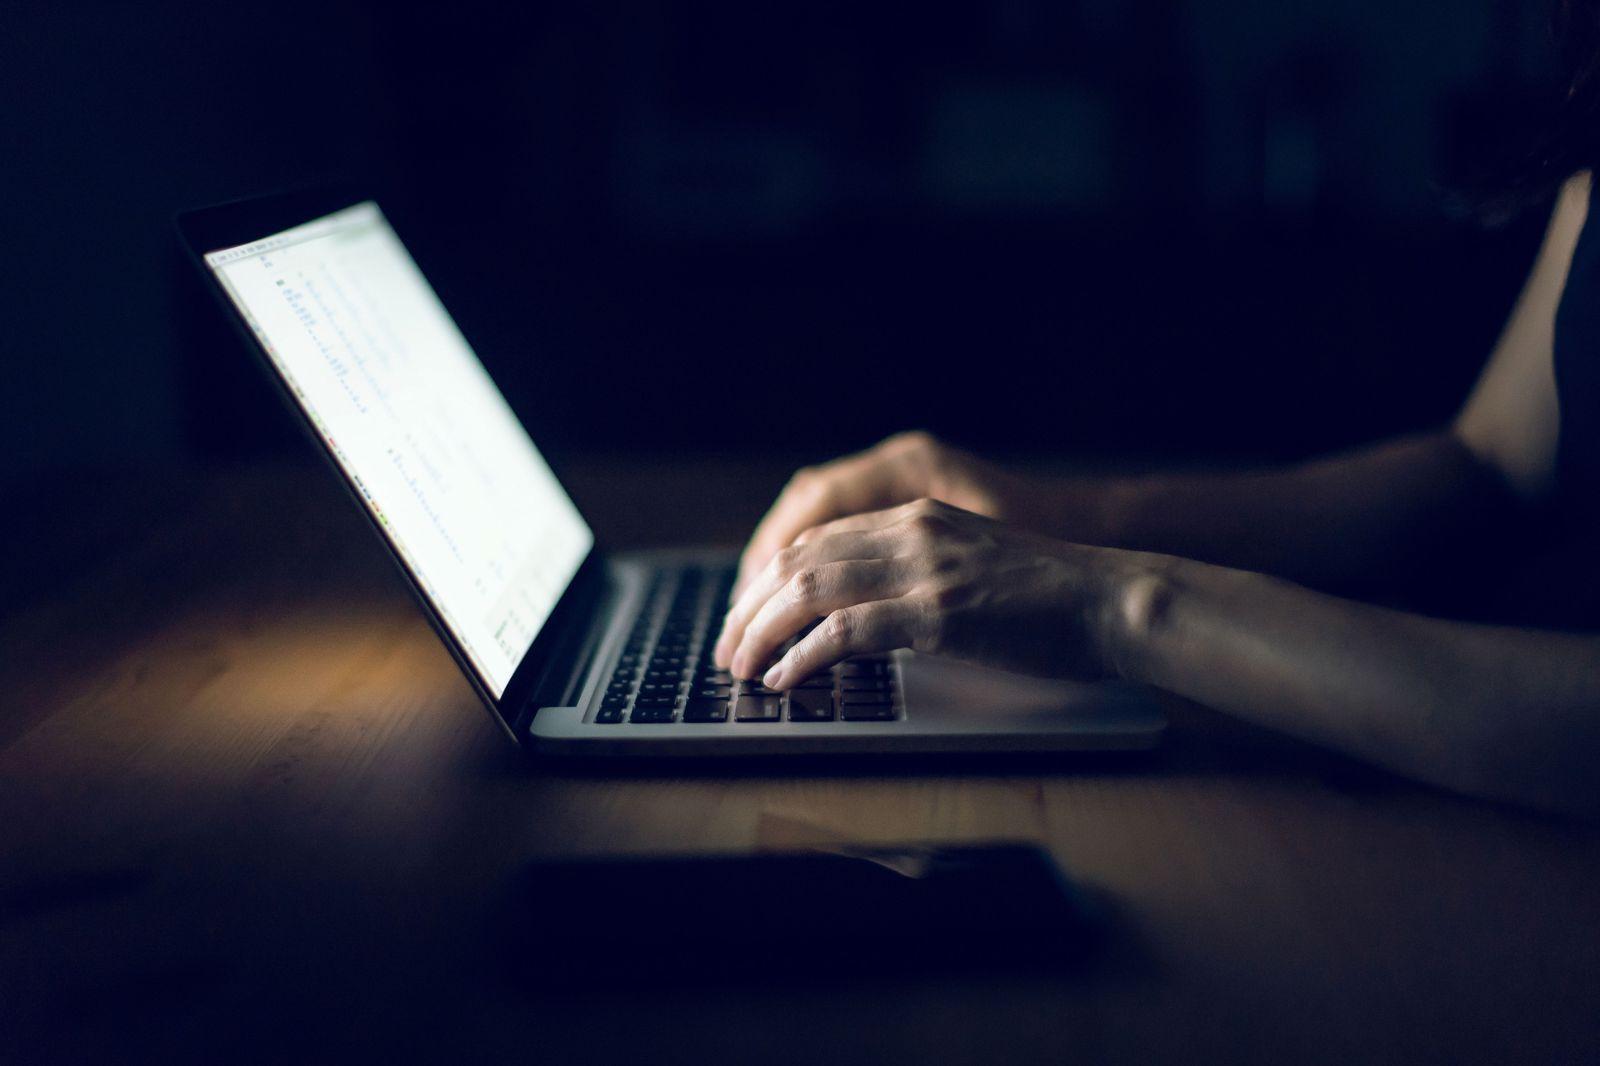 EINMALIGE VERWENDUNG Hacker/ Datenklau/ Hacker-Angriff/ Computer/ Spionage